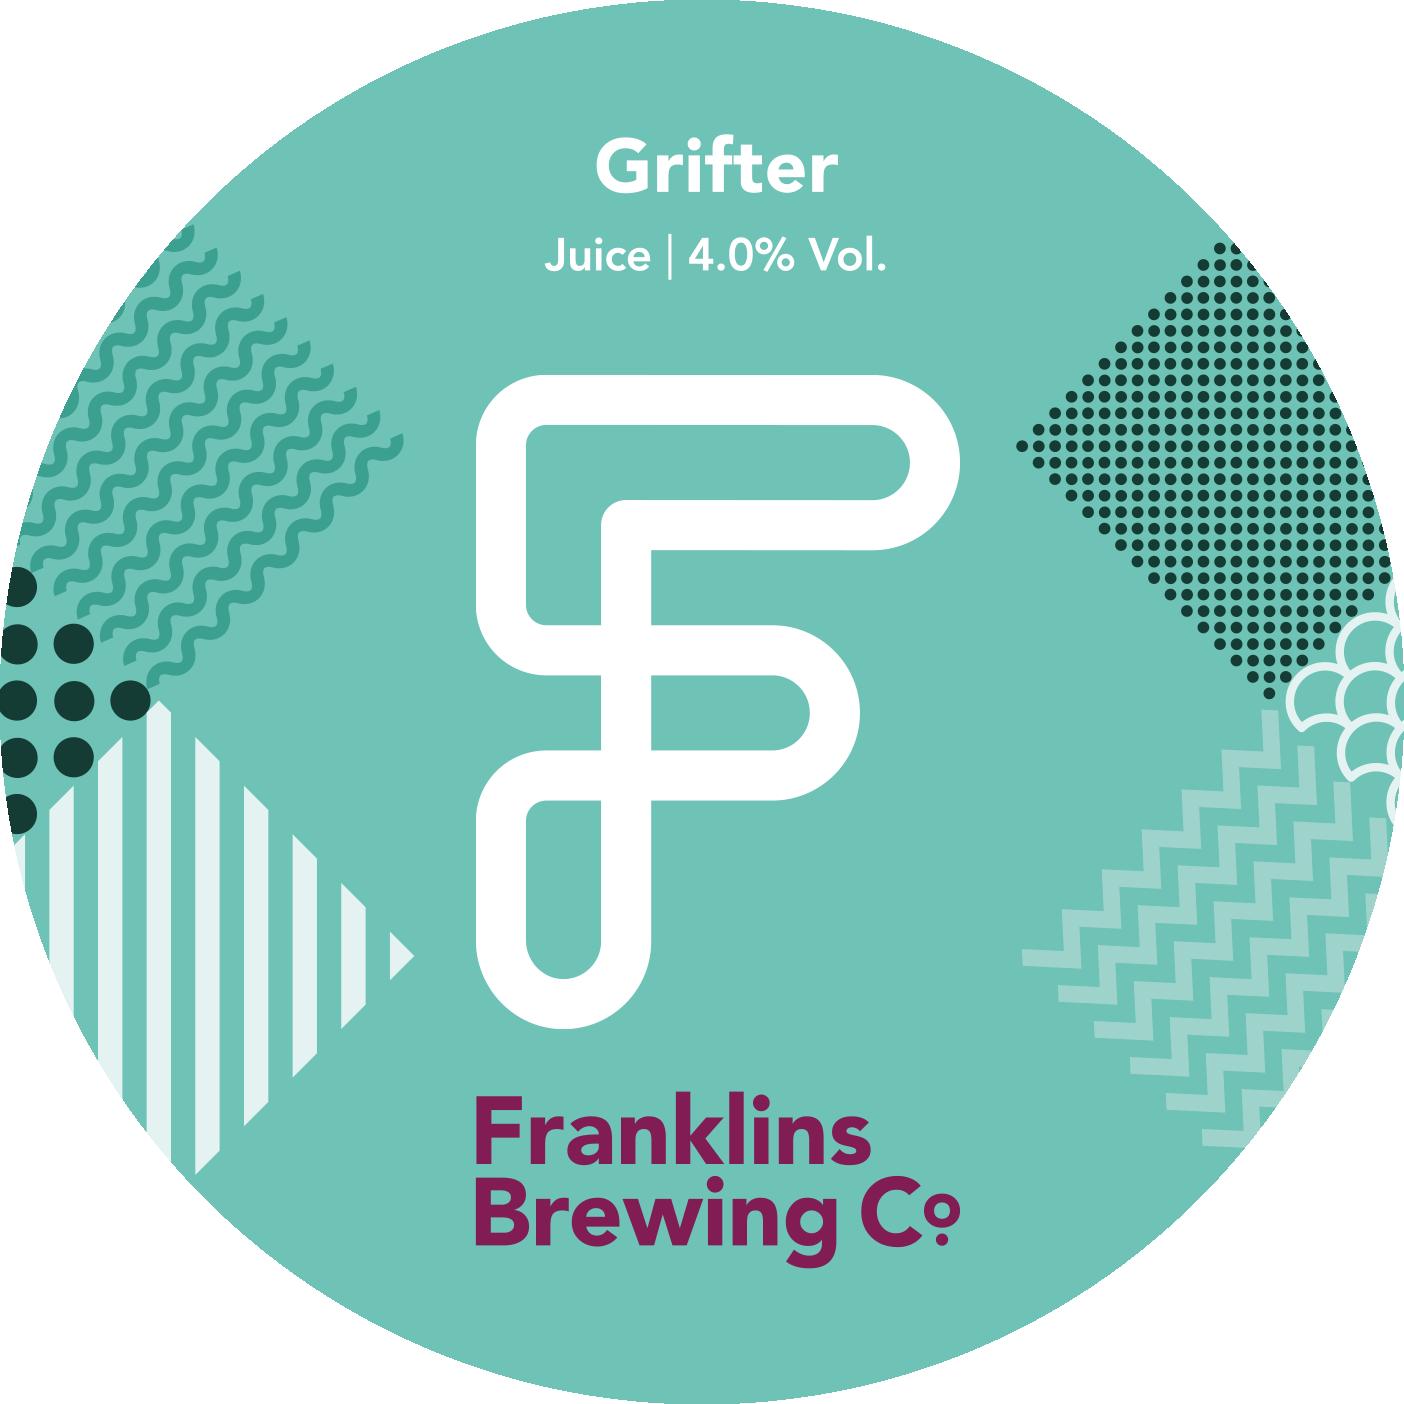 Franklins-Brewing-Co-Grifter-Keg-Clip.png